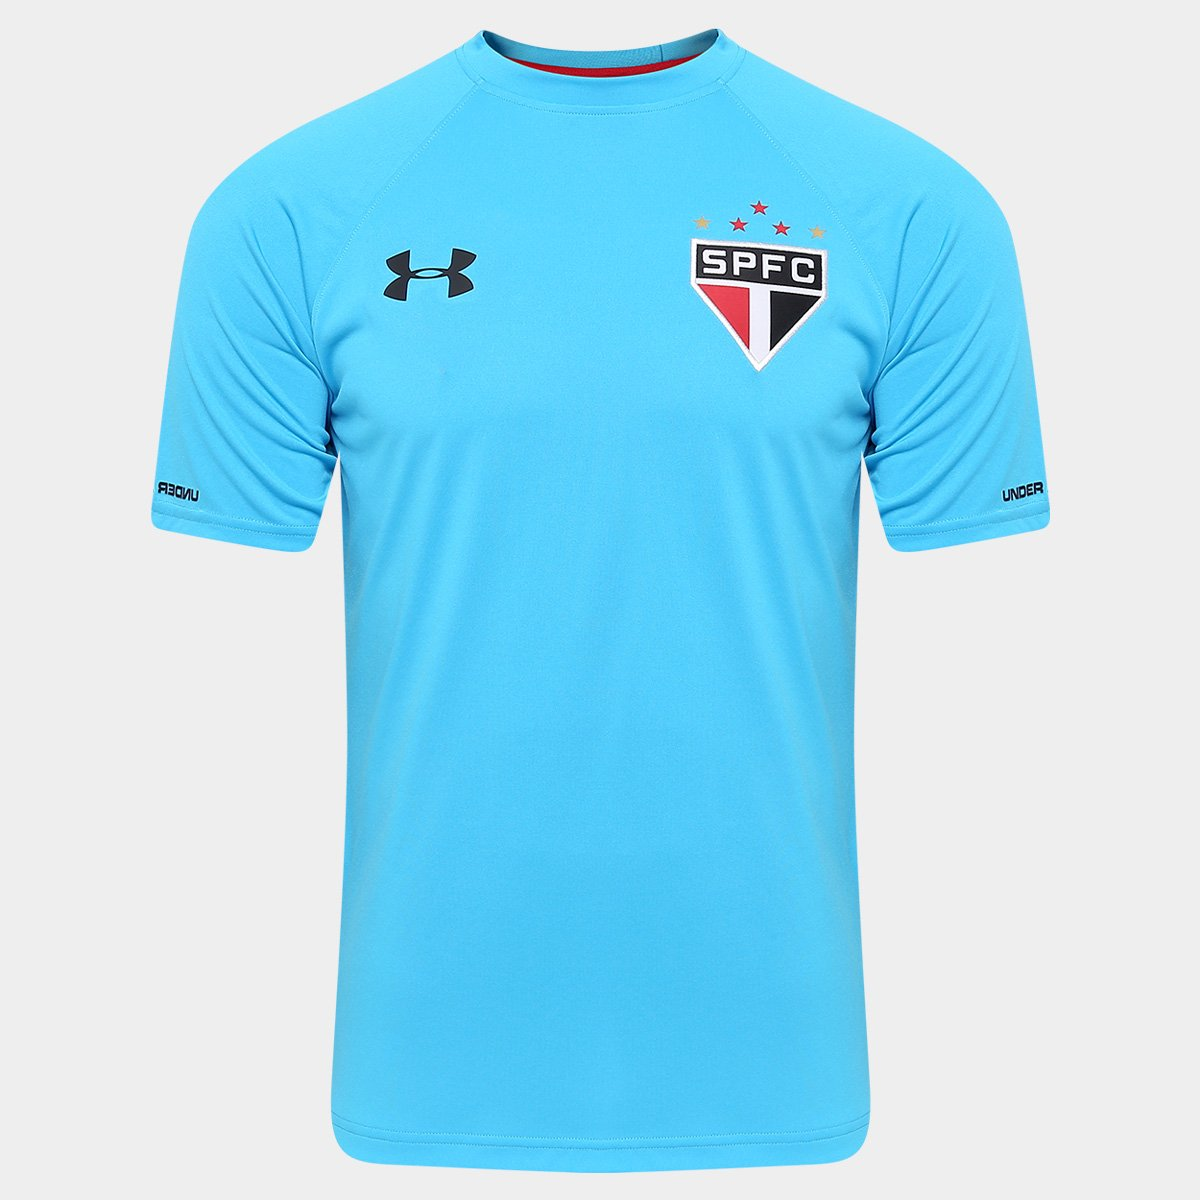 ... Camisa São Paulo Goleiro II 16 17 s nº - Torcedor Under Armour Masculina  . 81016ce1226f8